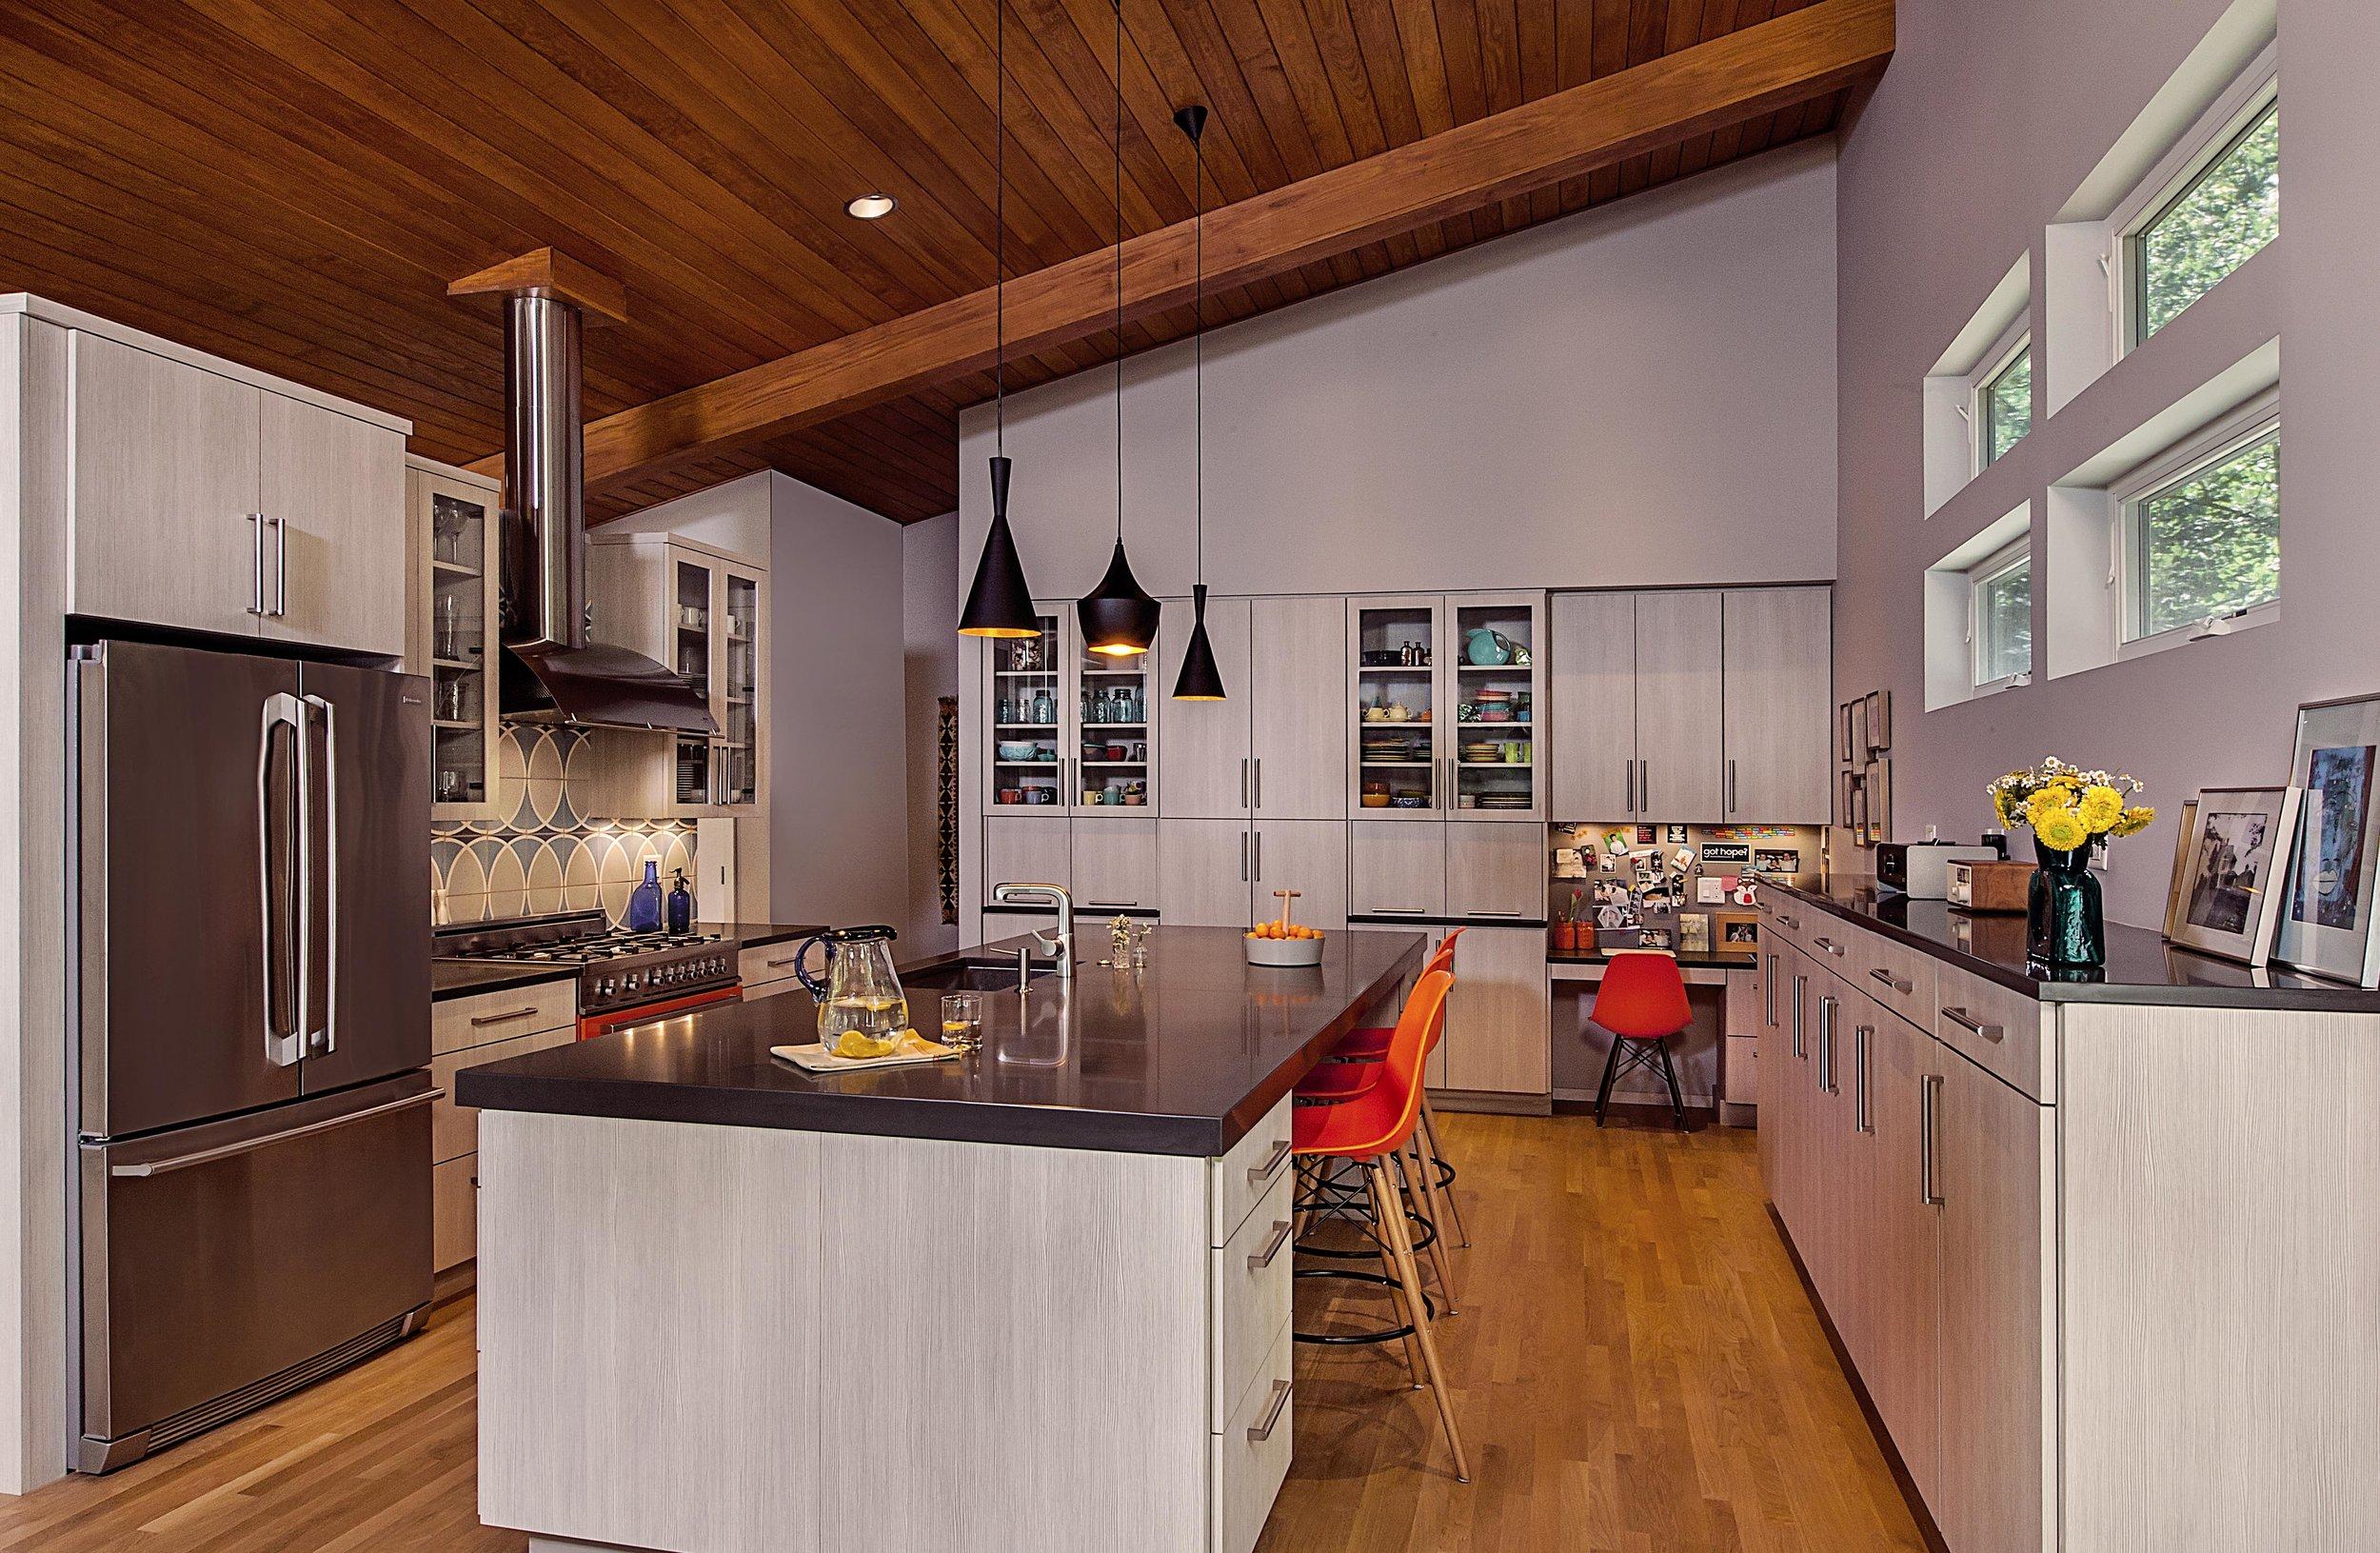 kitchen edit four.jpg